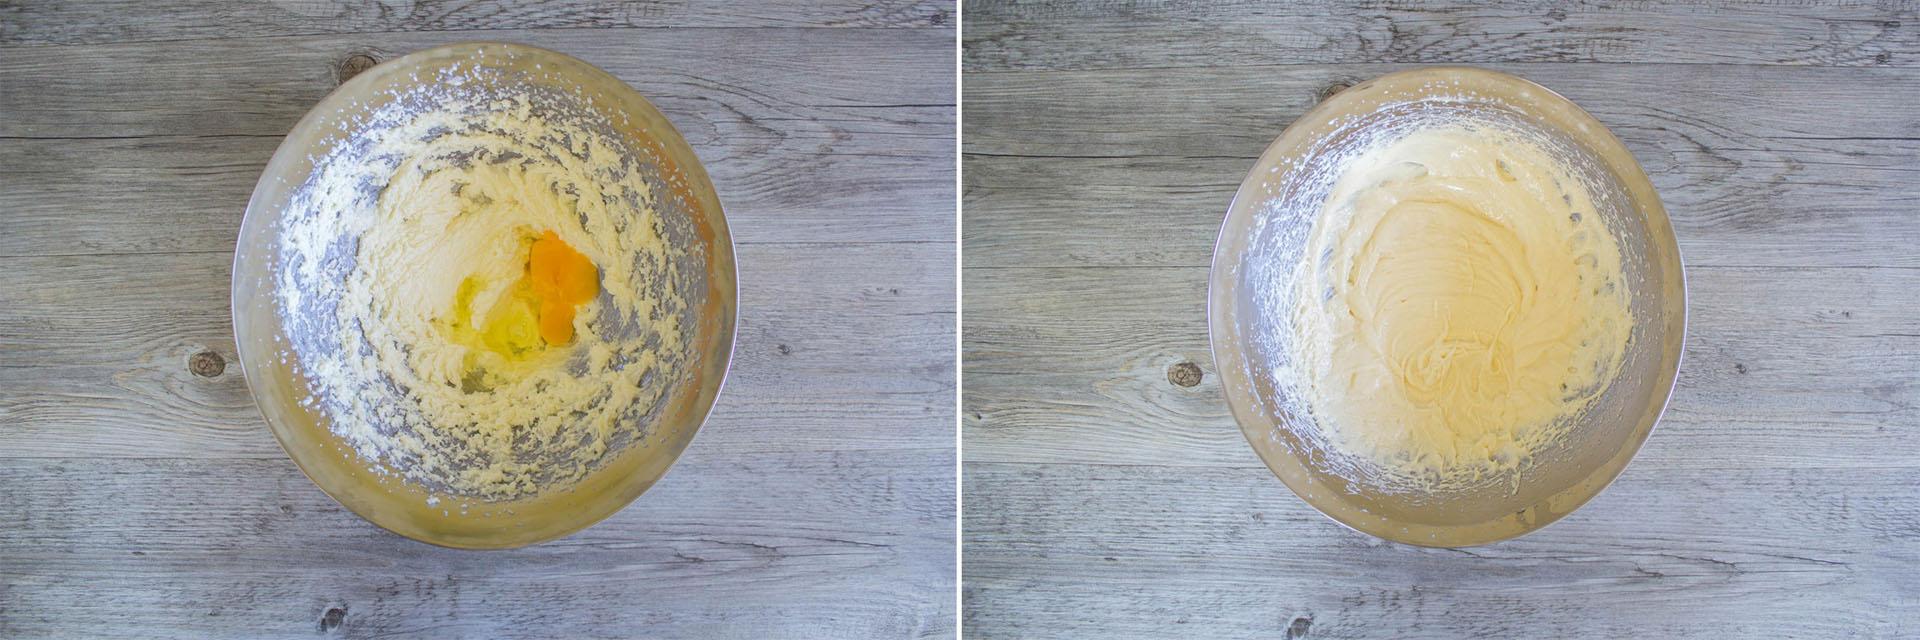 torta cocco ananas con uova